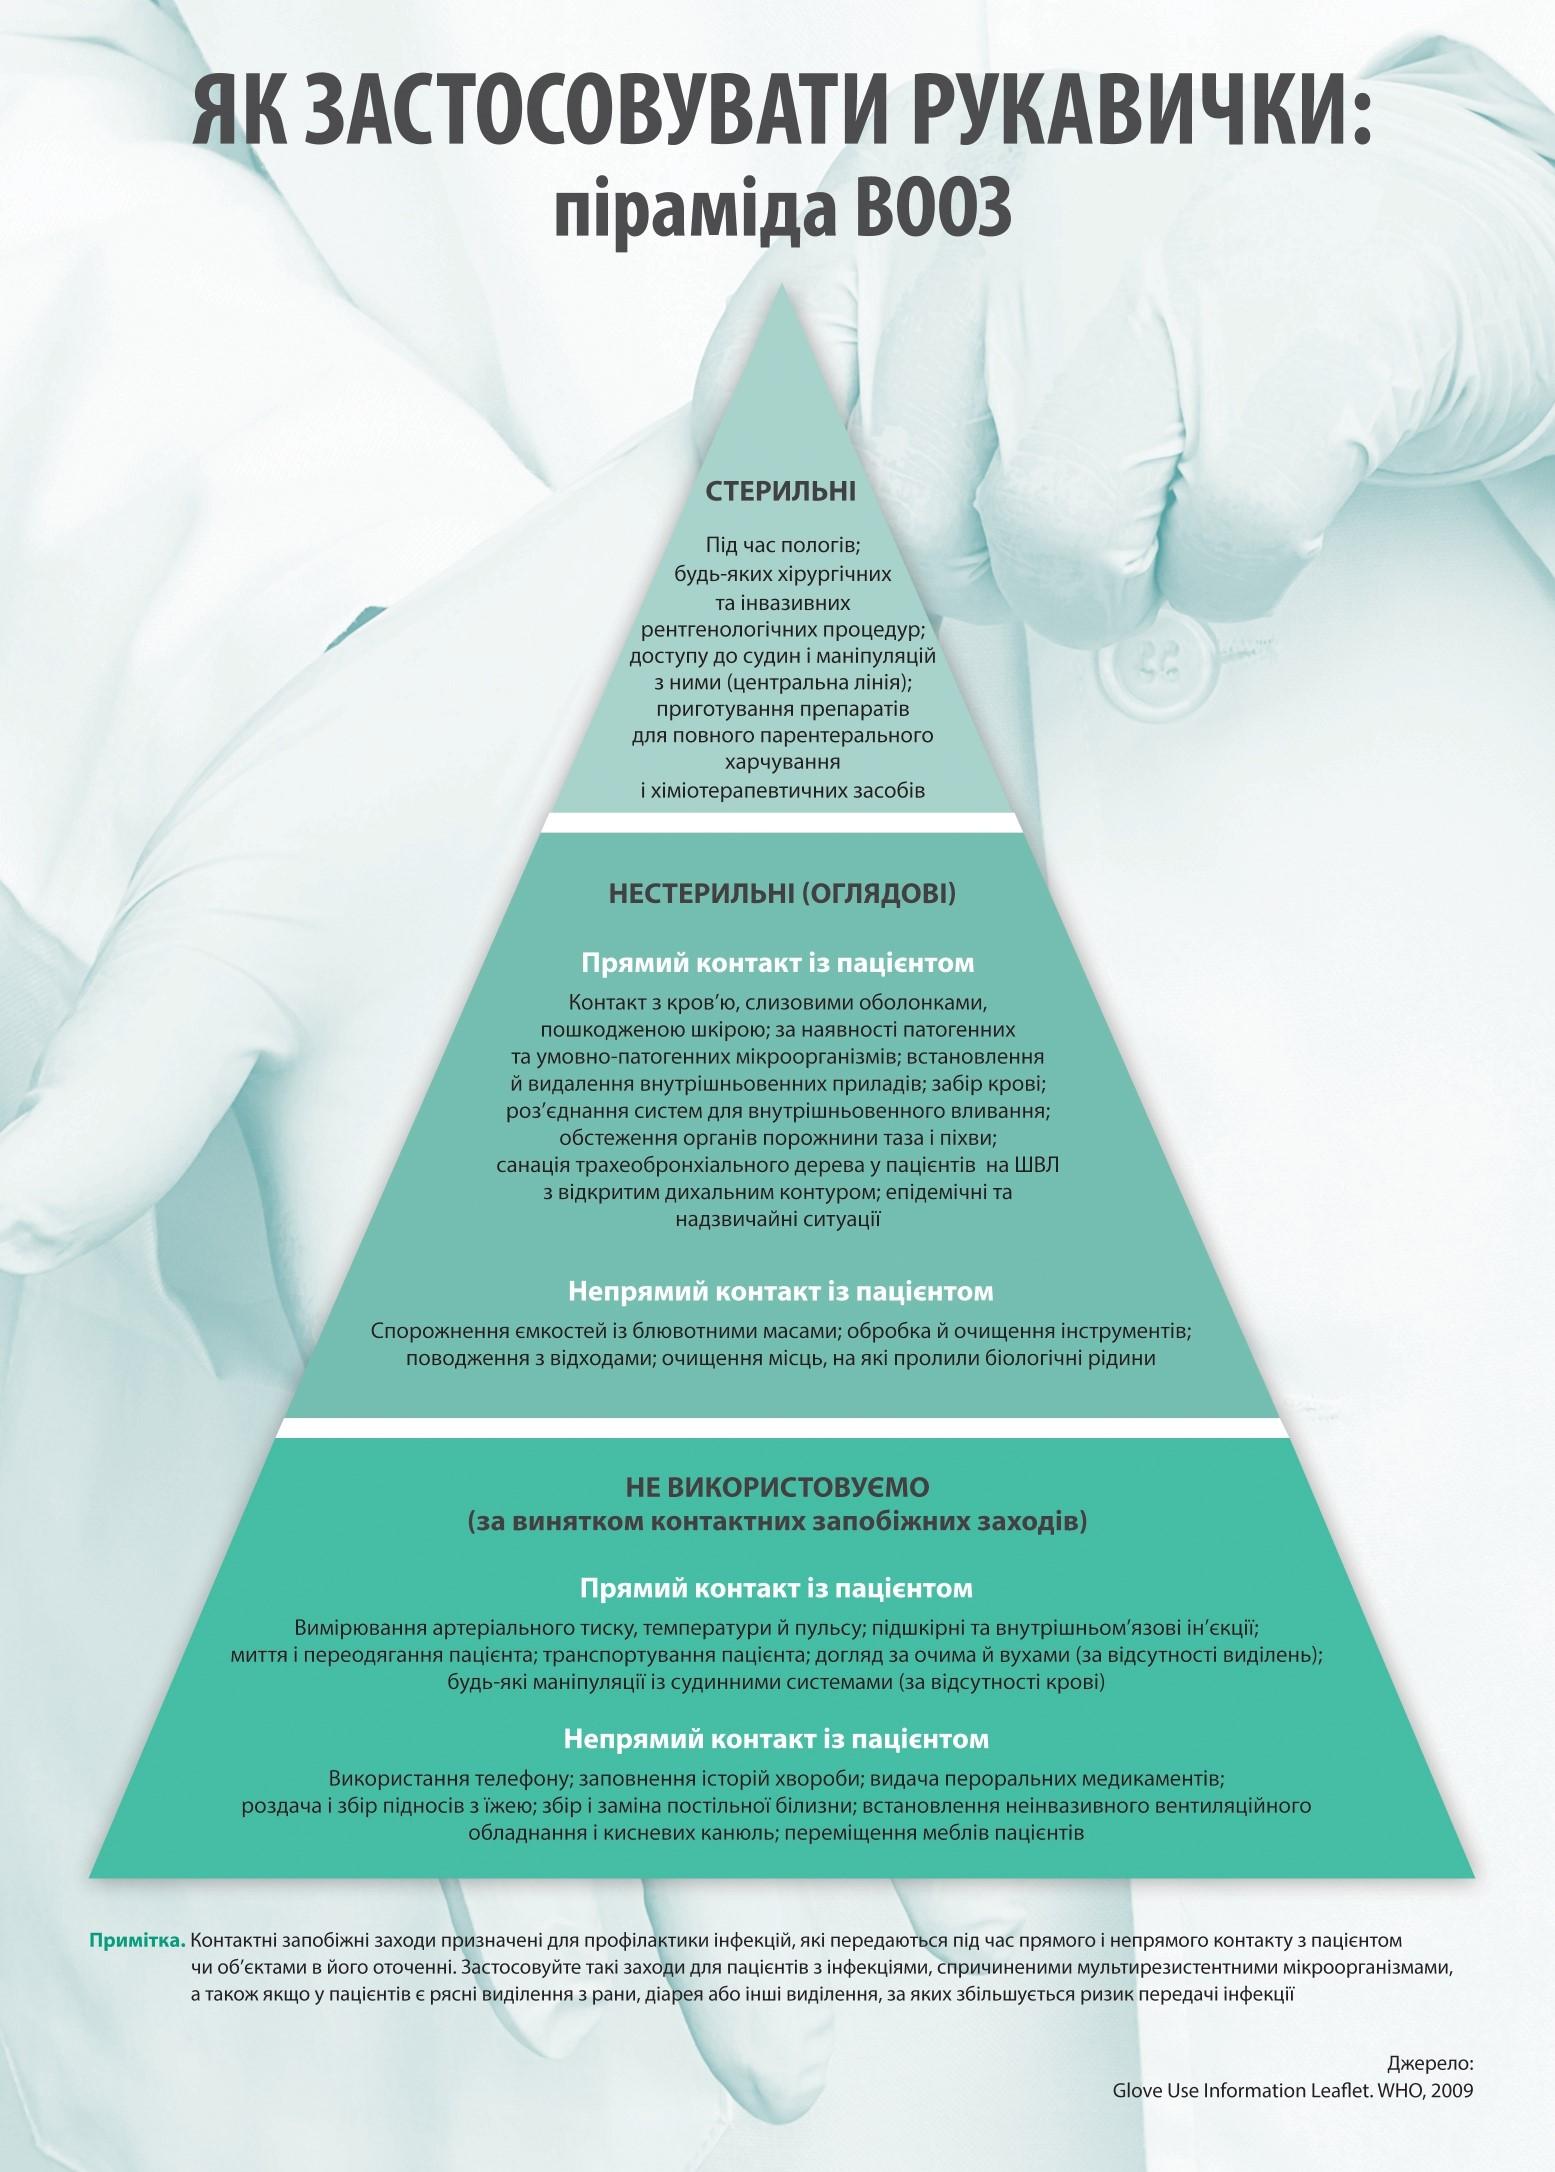 Використання рукавичок під час вакцинації від COVID-19: доцільність та рекомендації